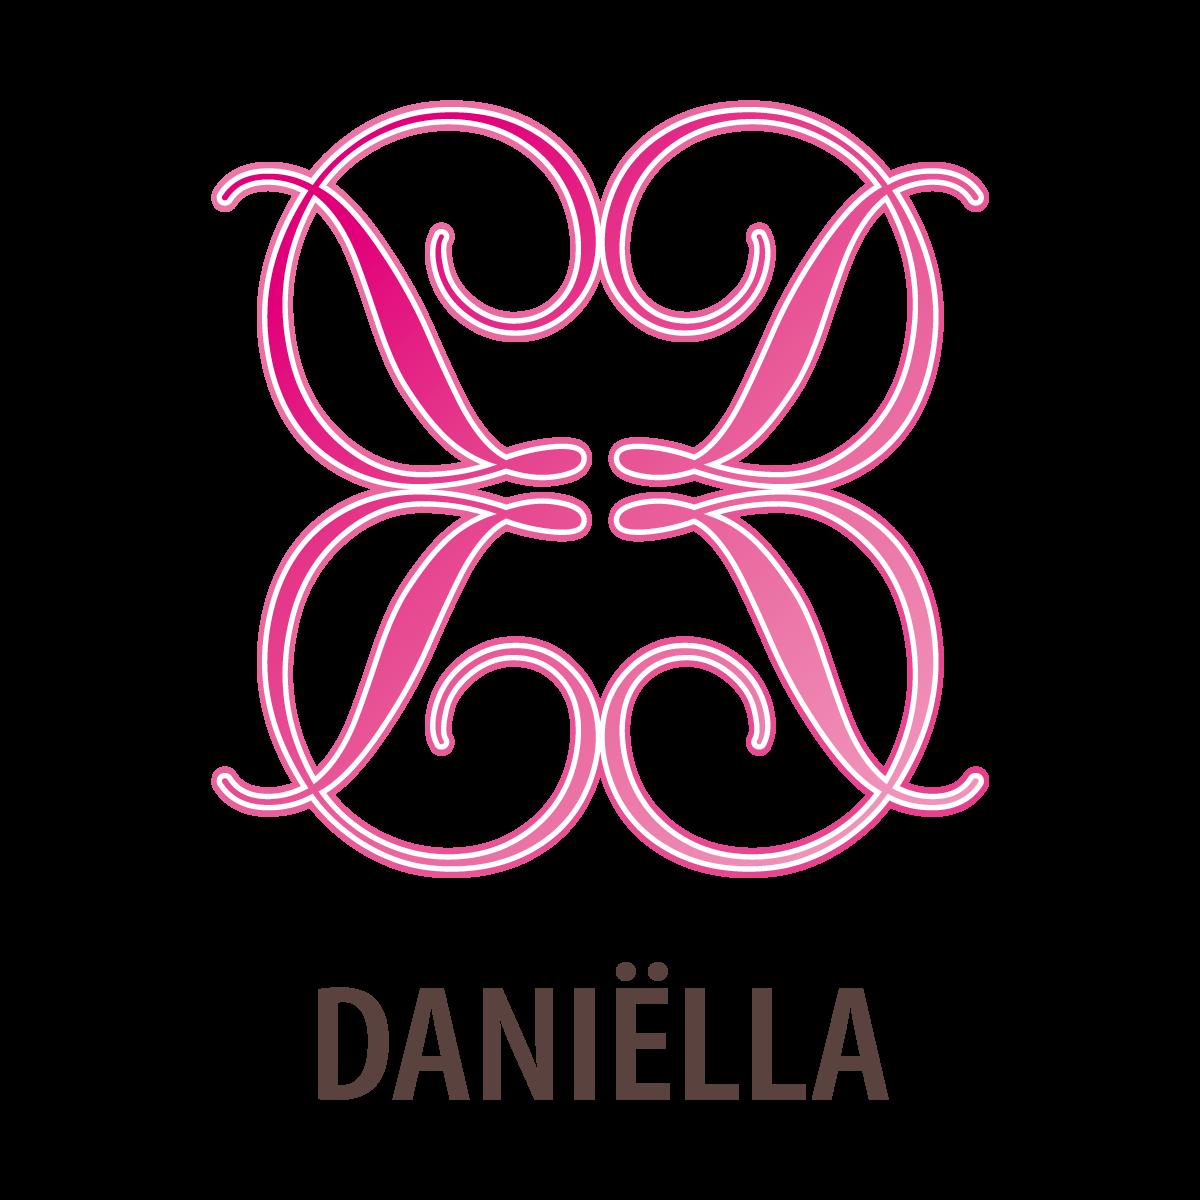 Daniella Knipt